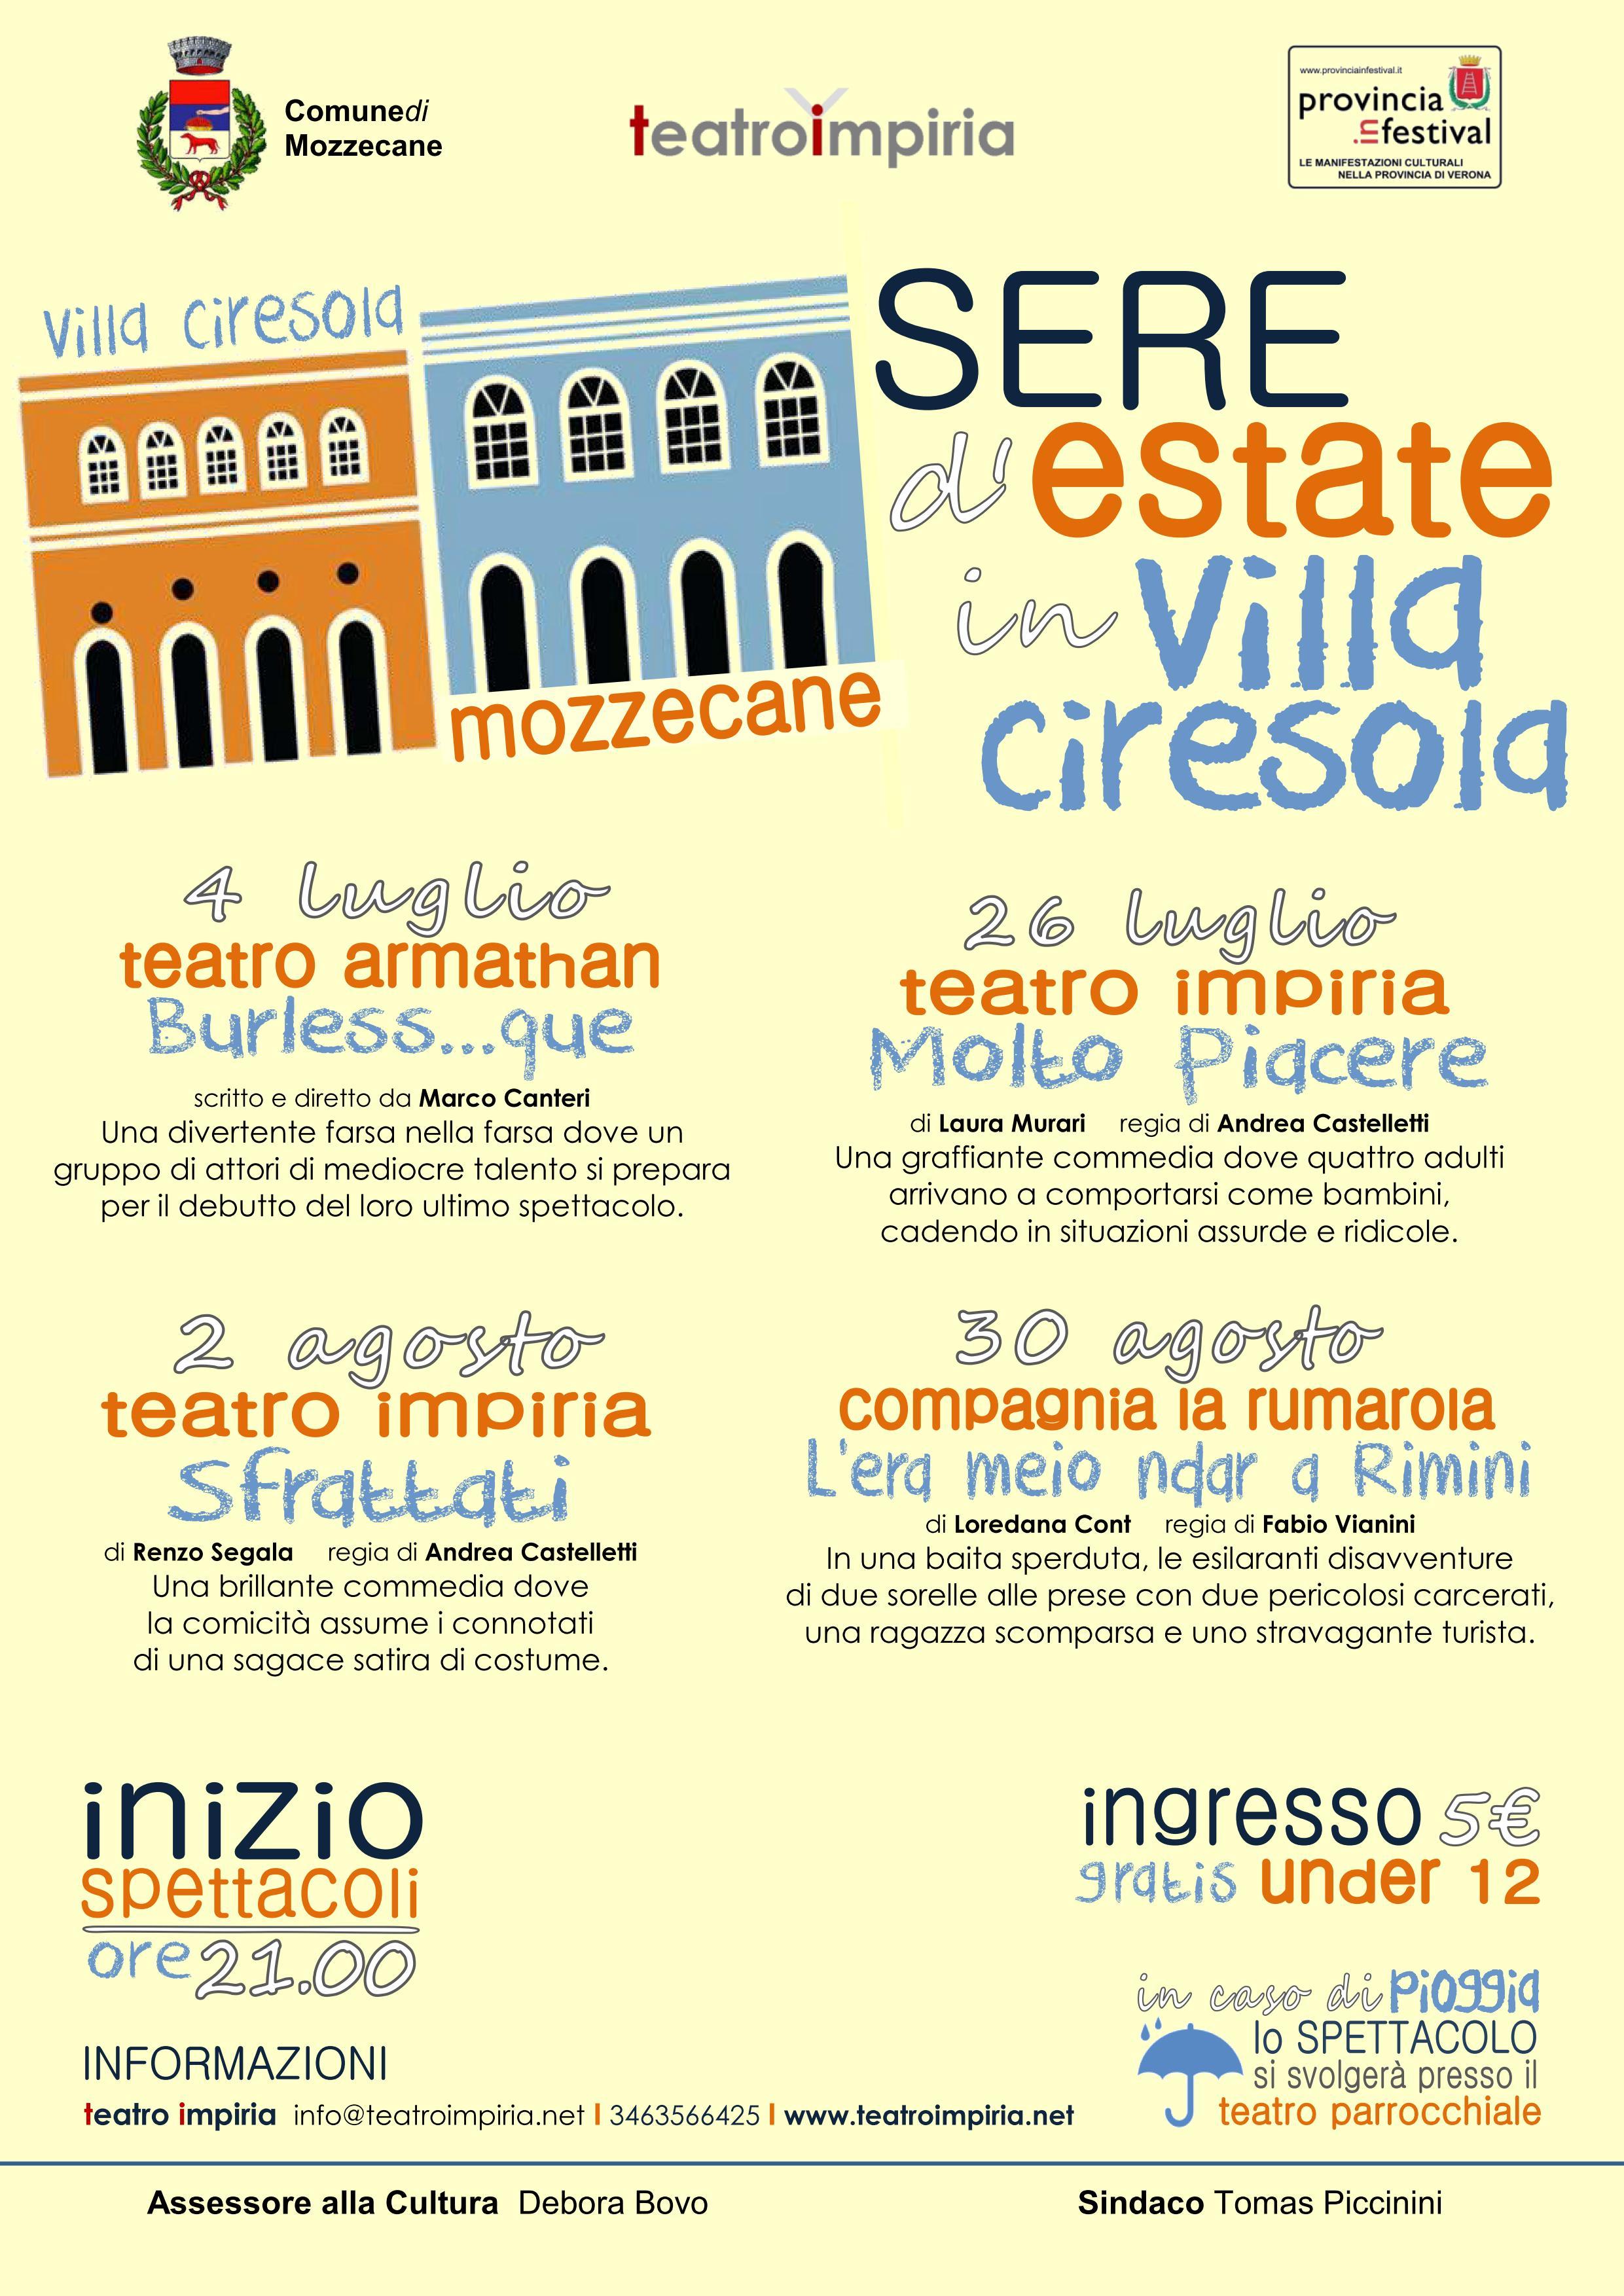 mozzecane-verona-teatro-impiria-verona-sere-d-estate-in-villa